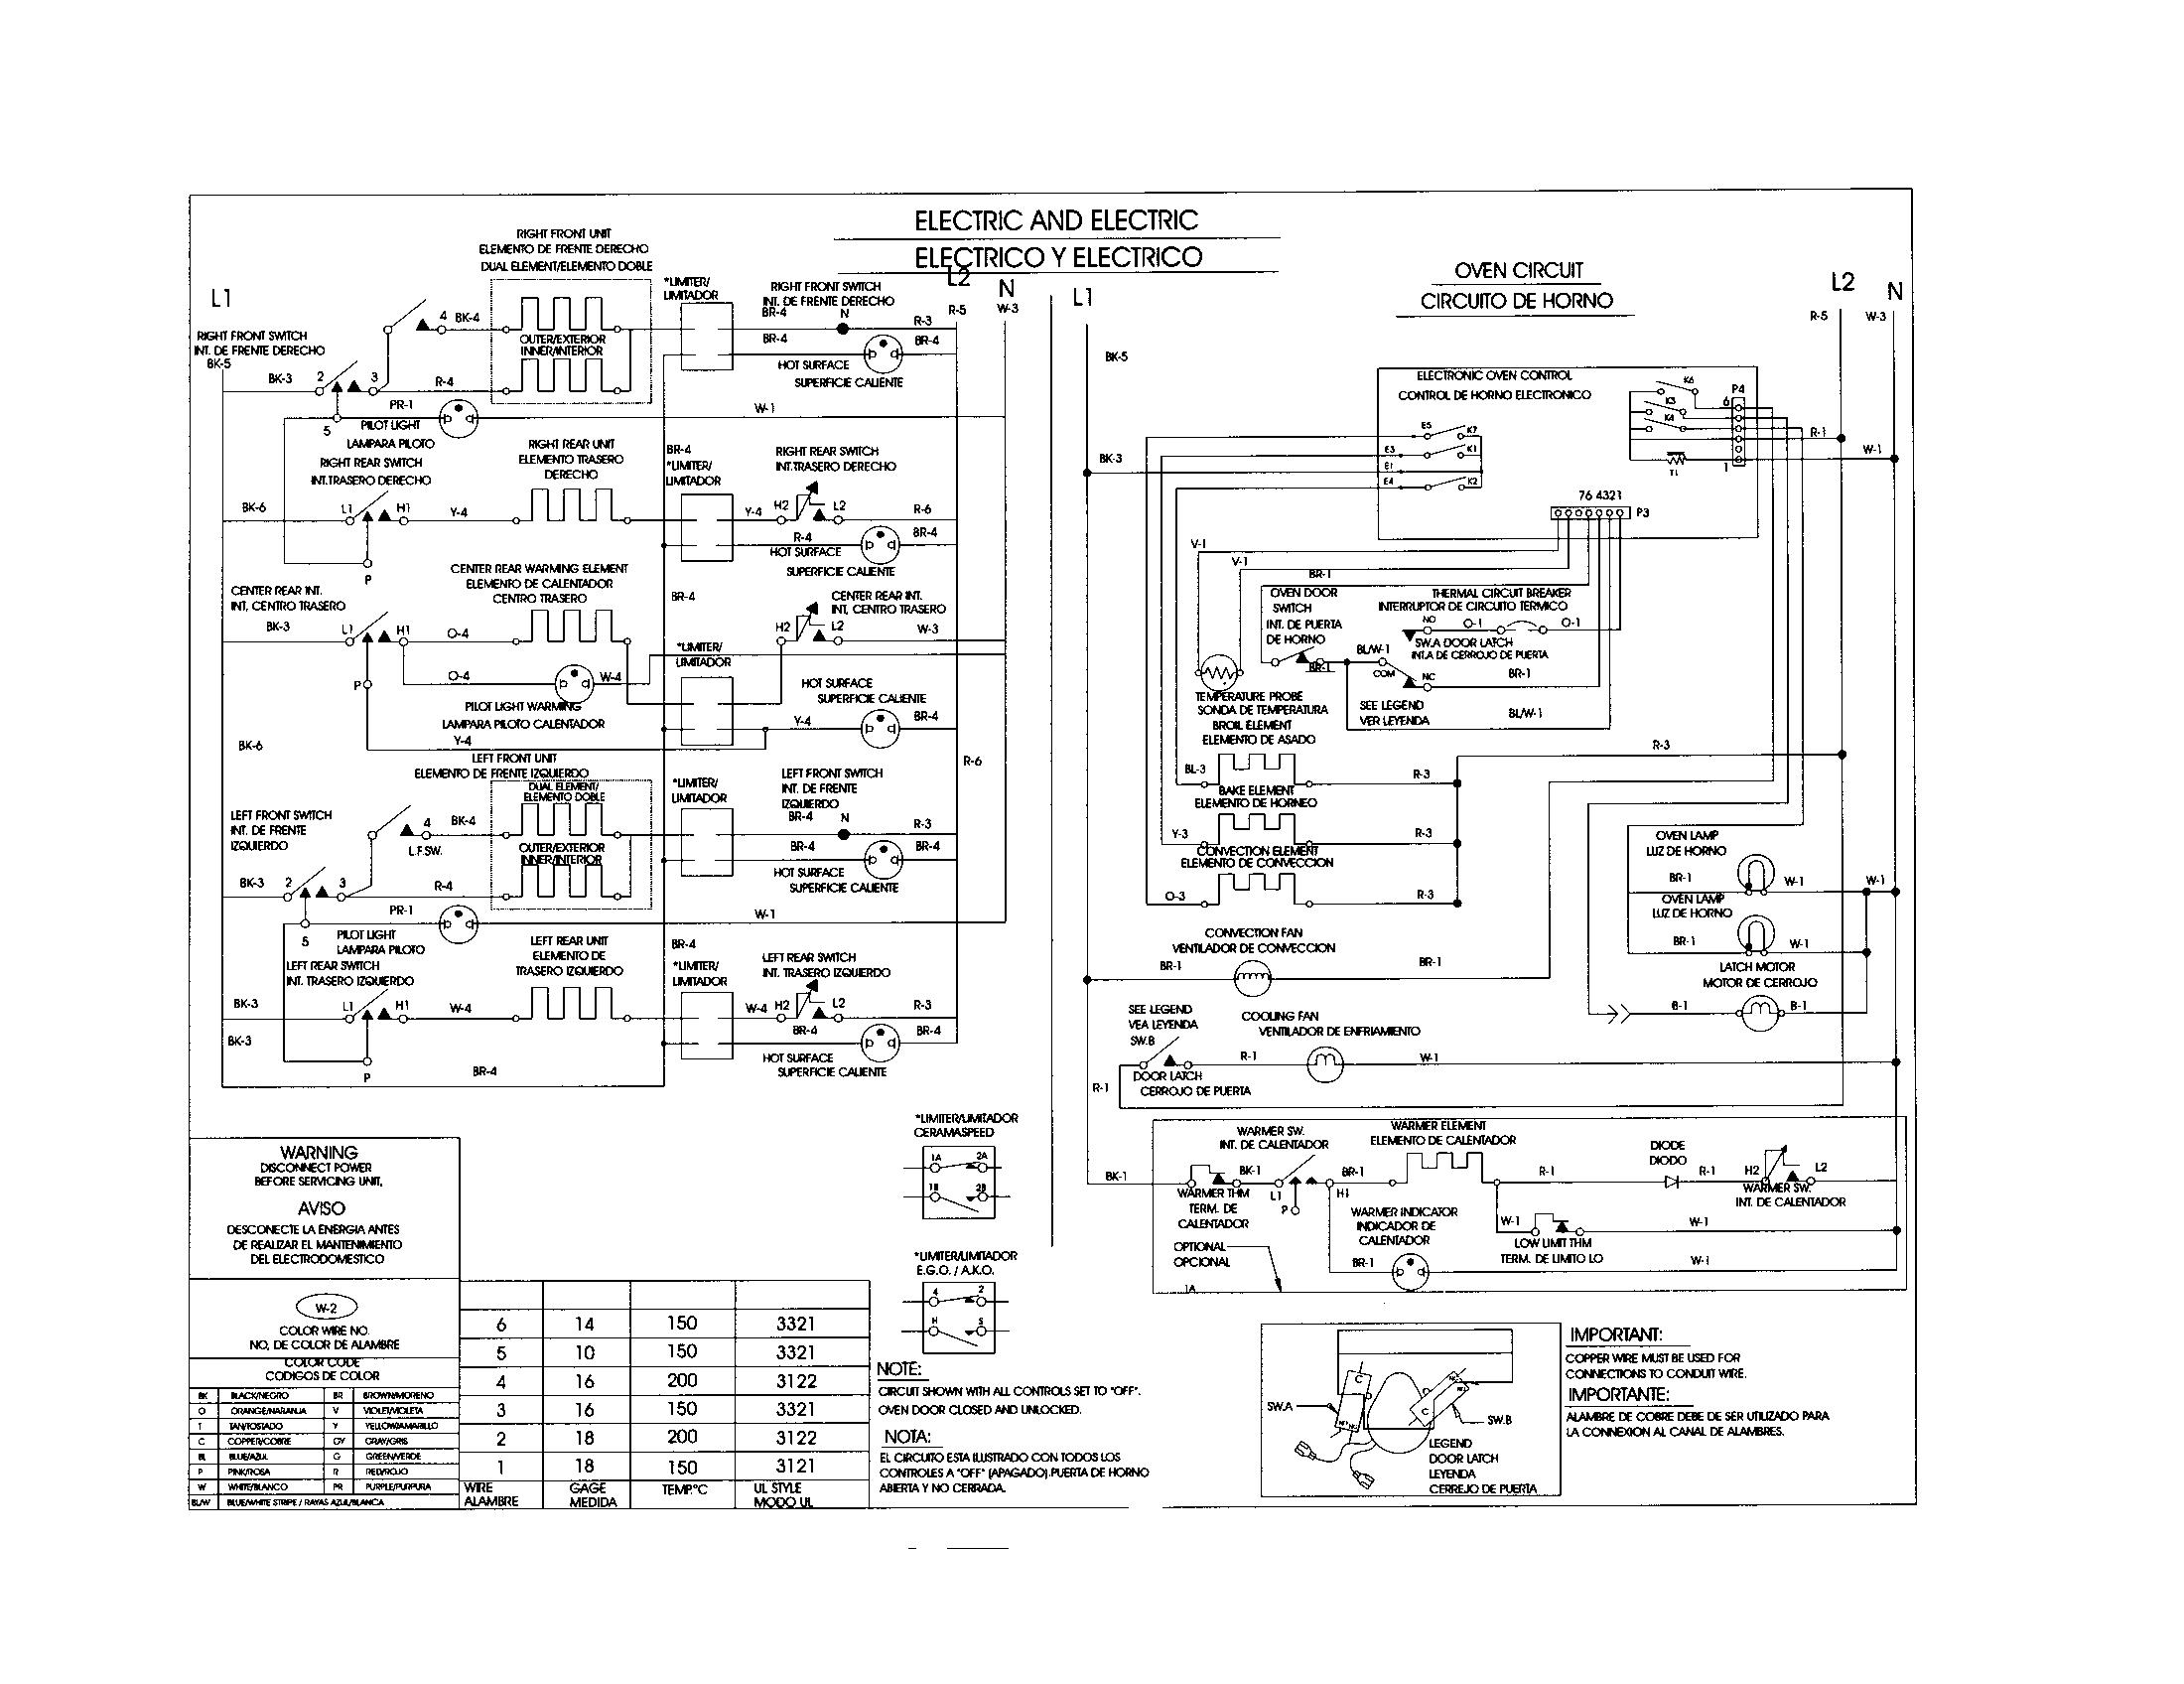 Super Wiring Diagram For Kenmore Dishwasher Online Wiring Diagram Wiring Cloud Rineaidewilluminateatxorg